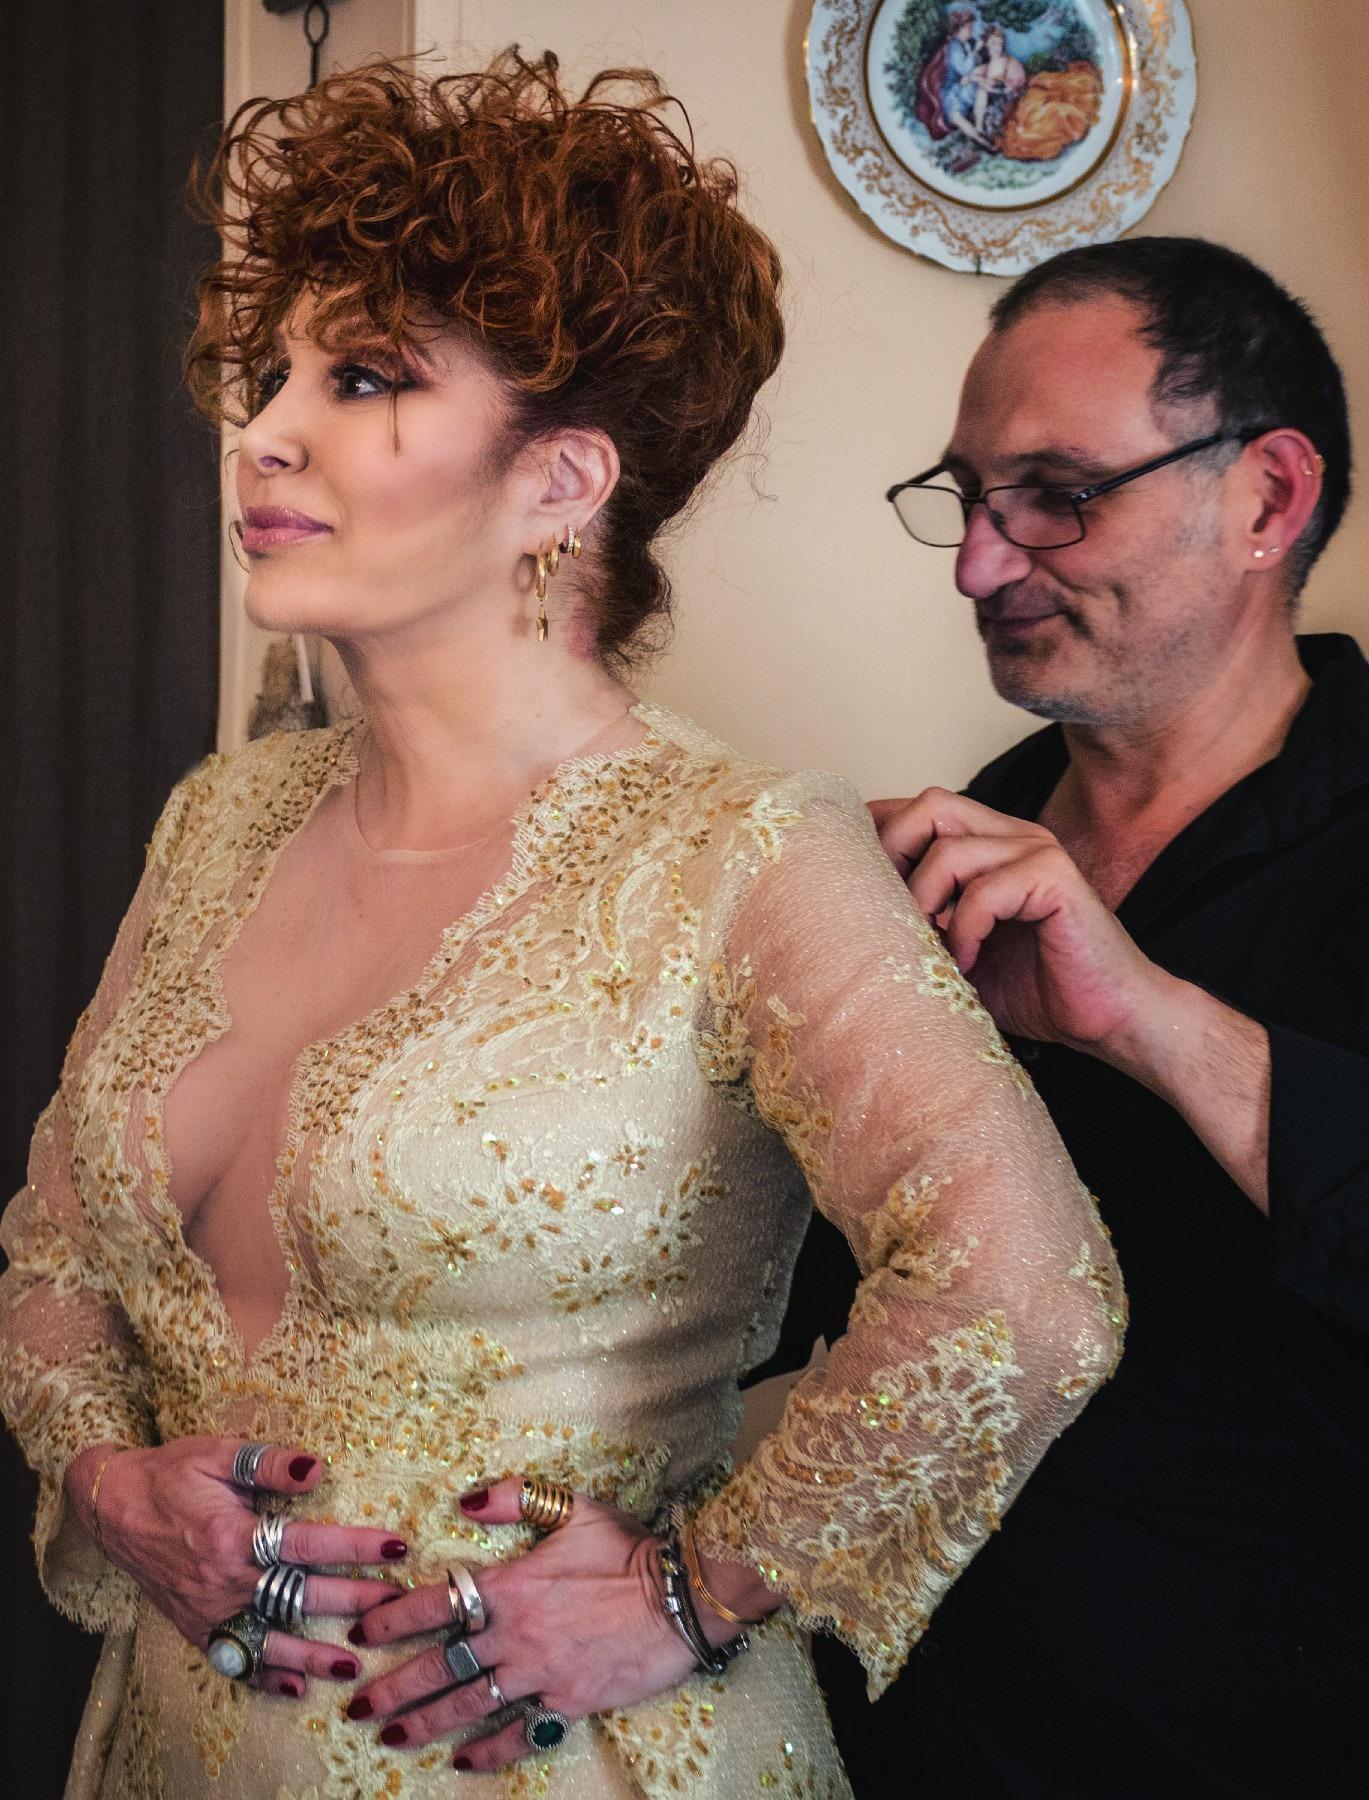 L'attrice Simona Patitucci, nipote di Ugo Tognazzi e diva dei Musical Disney, è convolata a nozze domenica 13 settembre